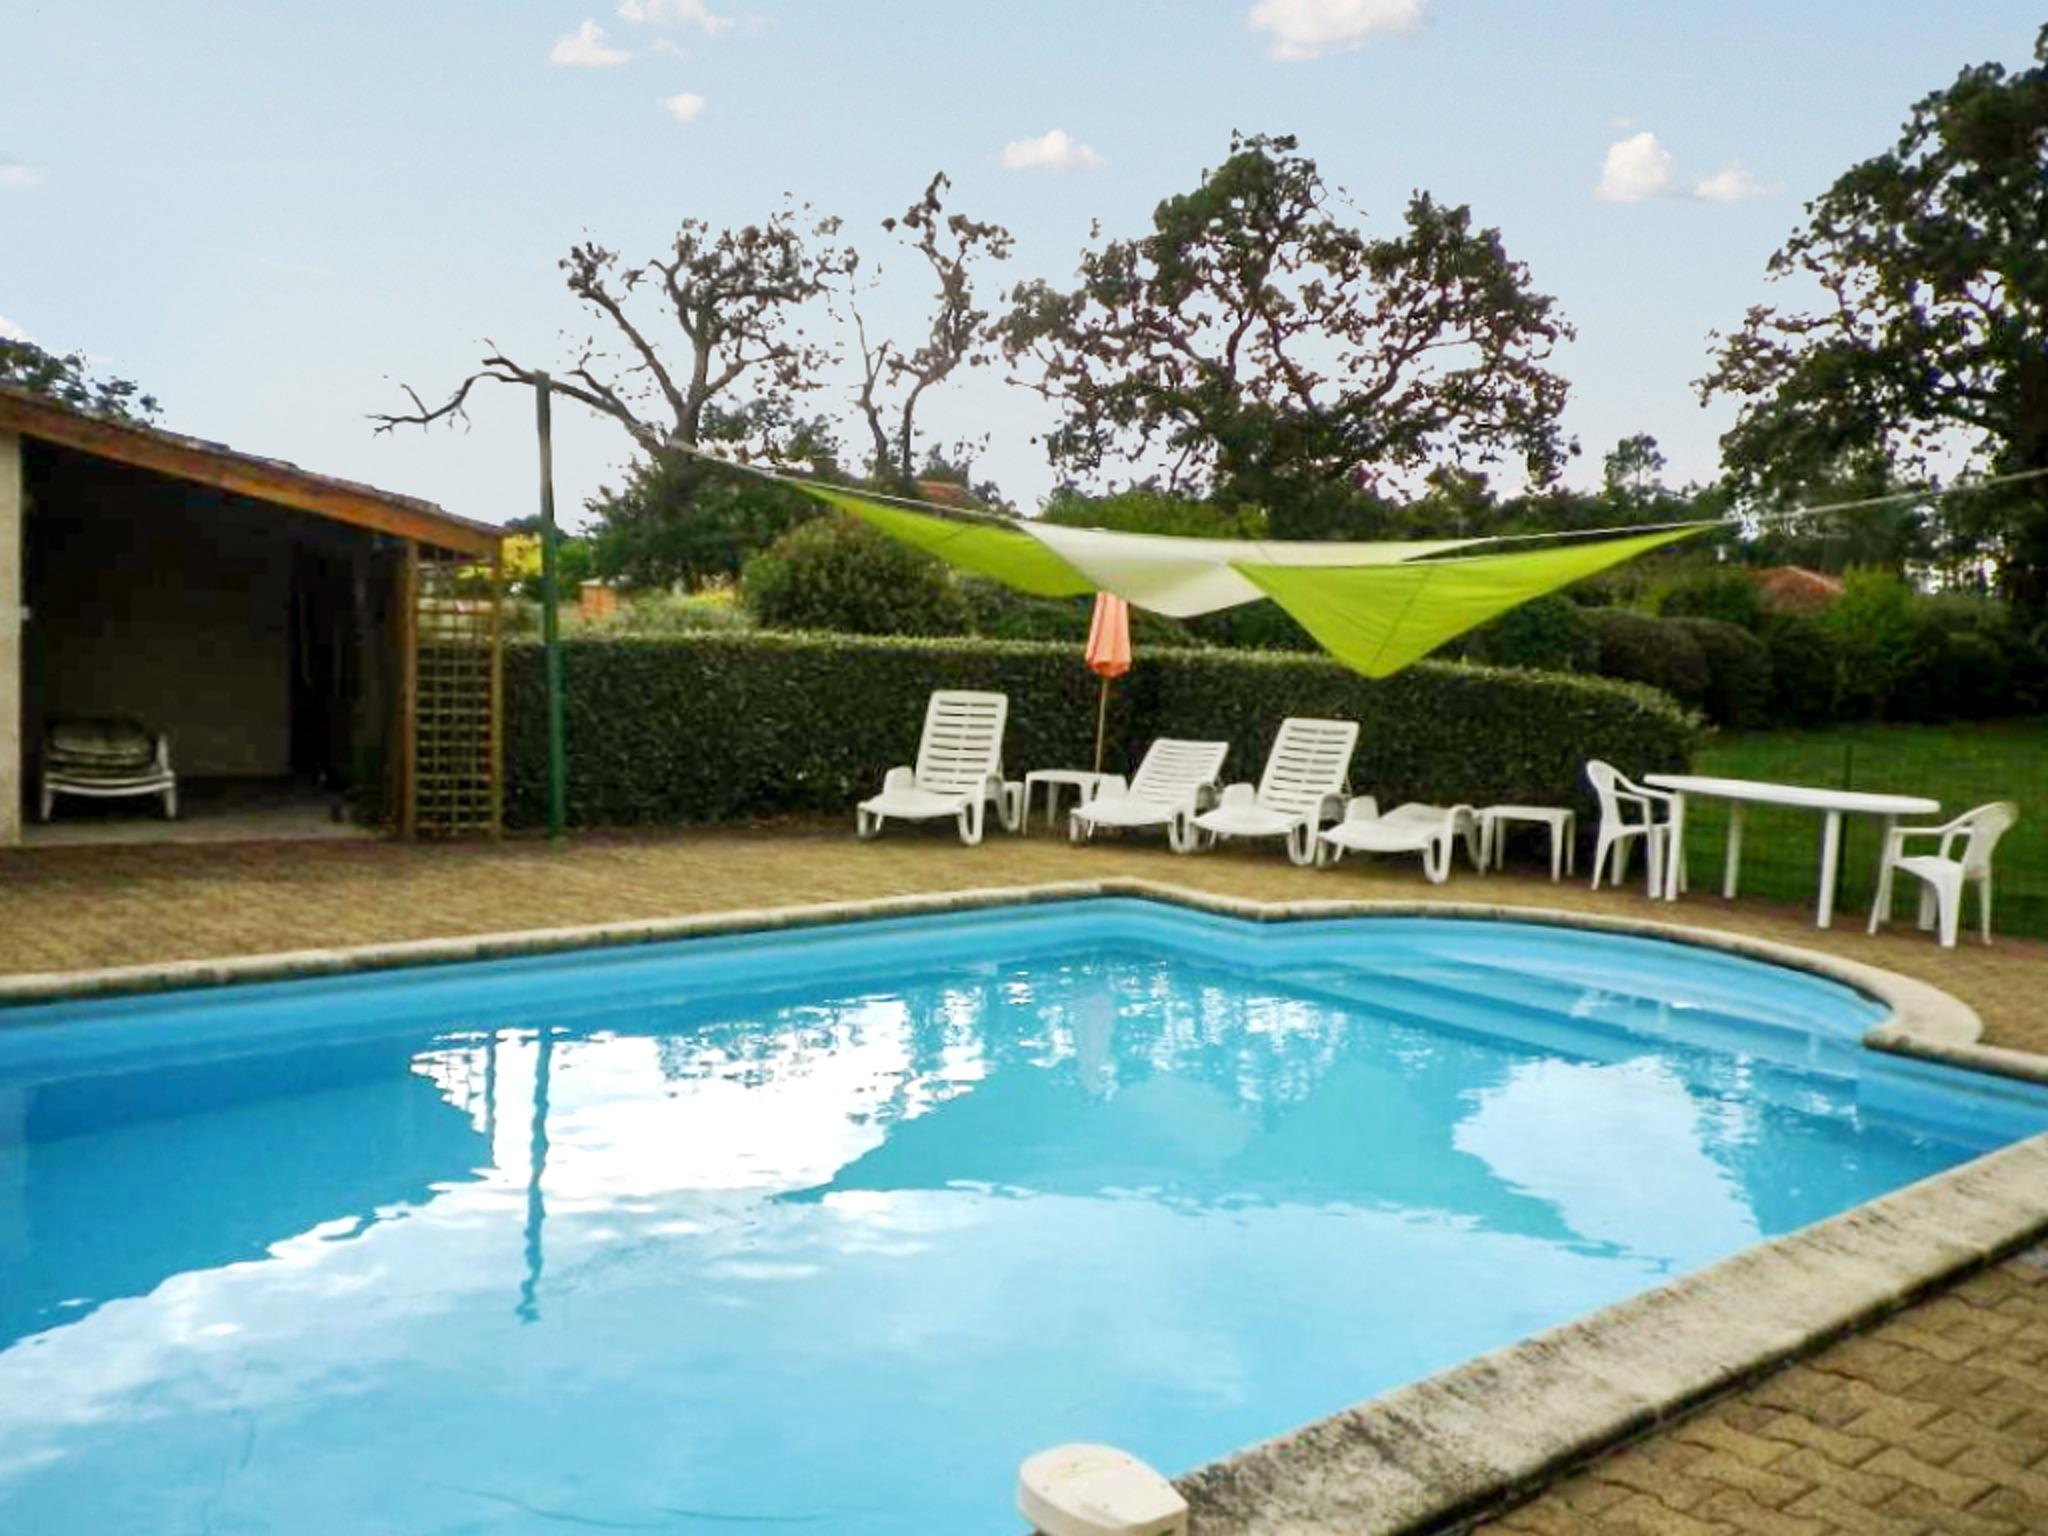 Ferienhaus Villa mit 4 Zimmern in Trensacq mit privatem Pool und möbliertem Garten - 45 km vom Strand (2202366), Trensacq, Landes, Aquitanien, Frankreich, Bild 24